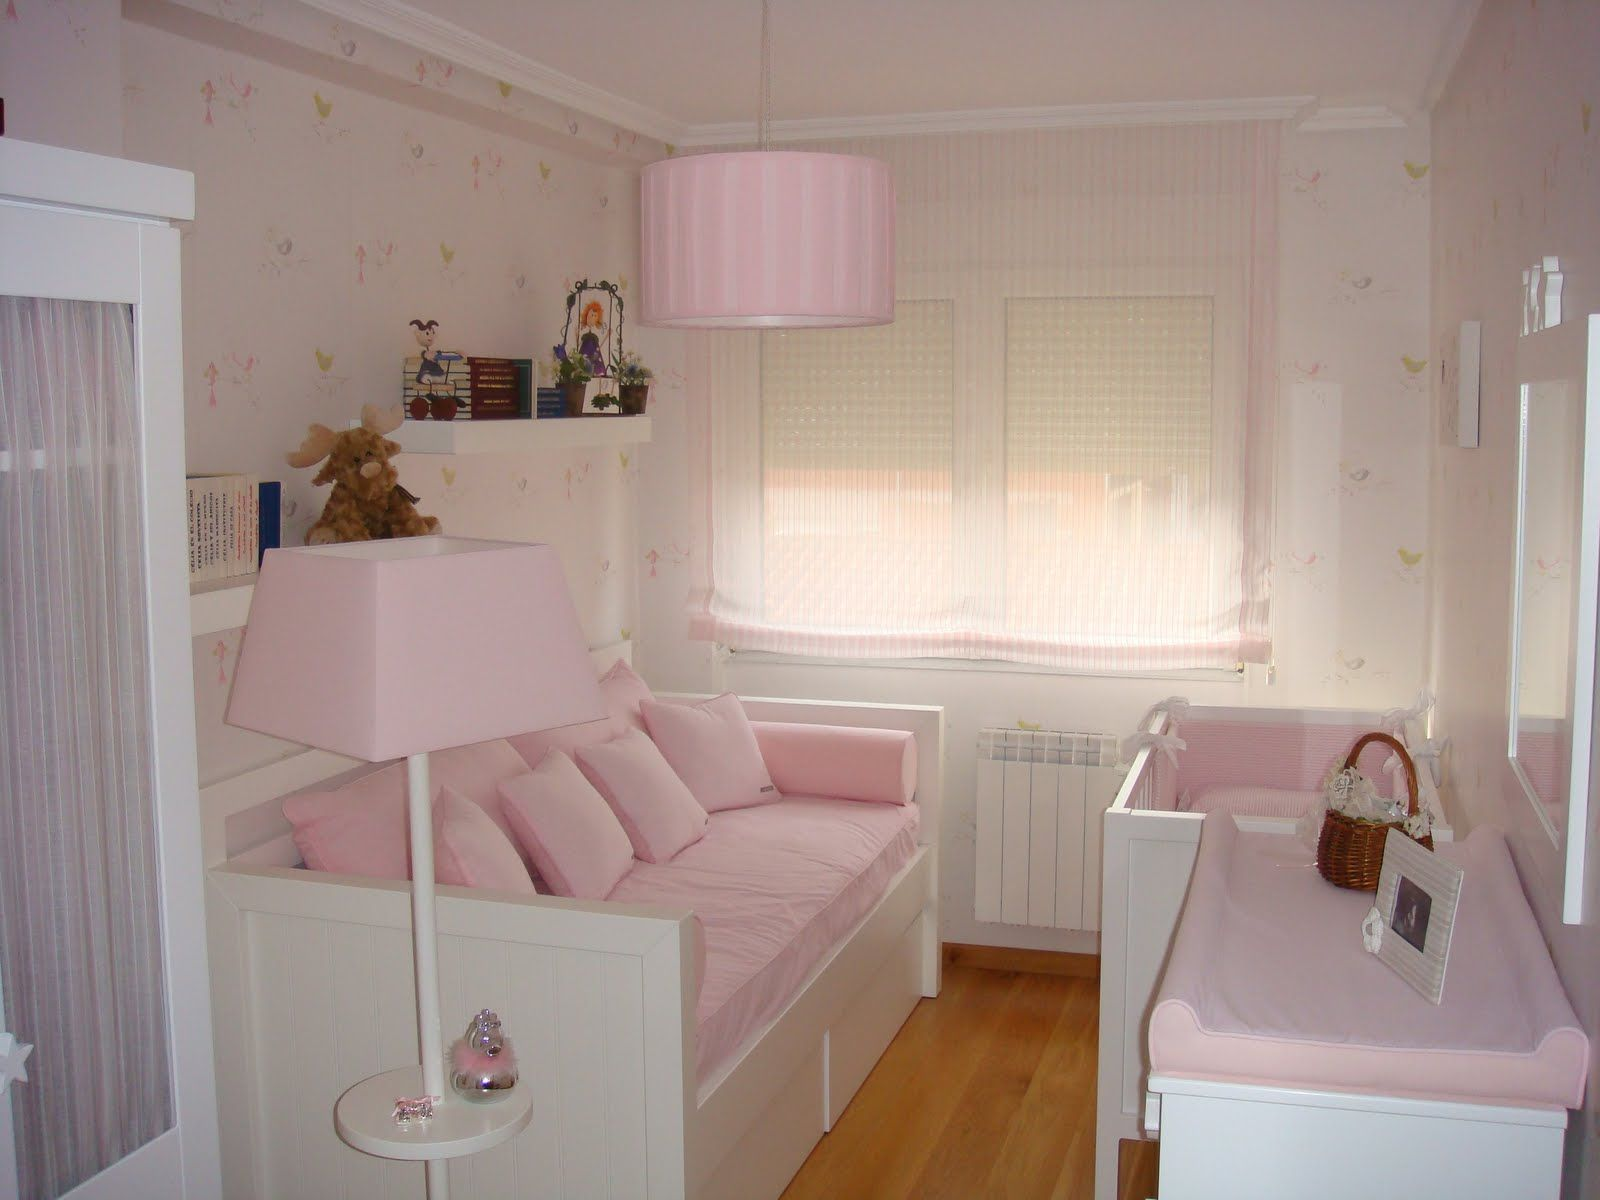 Ayuda decorar habitacion del bebe con gotele el bebe - Como decorar una habitacion rustica ...